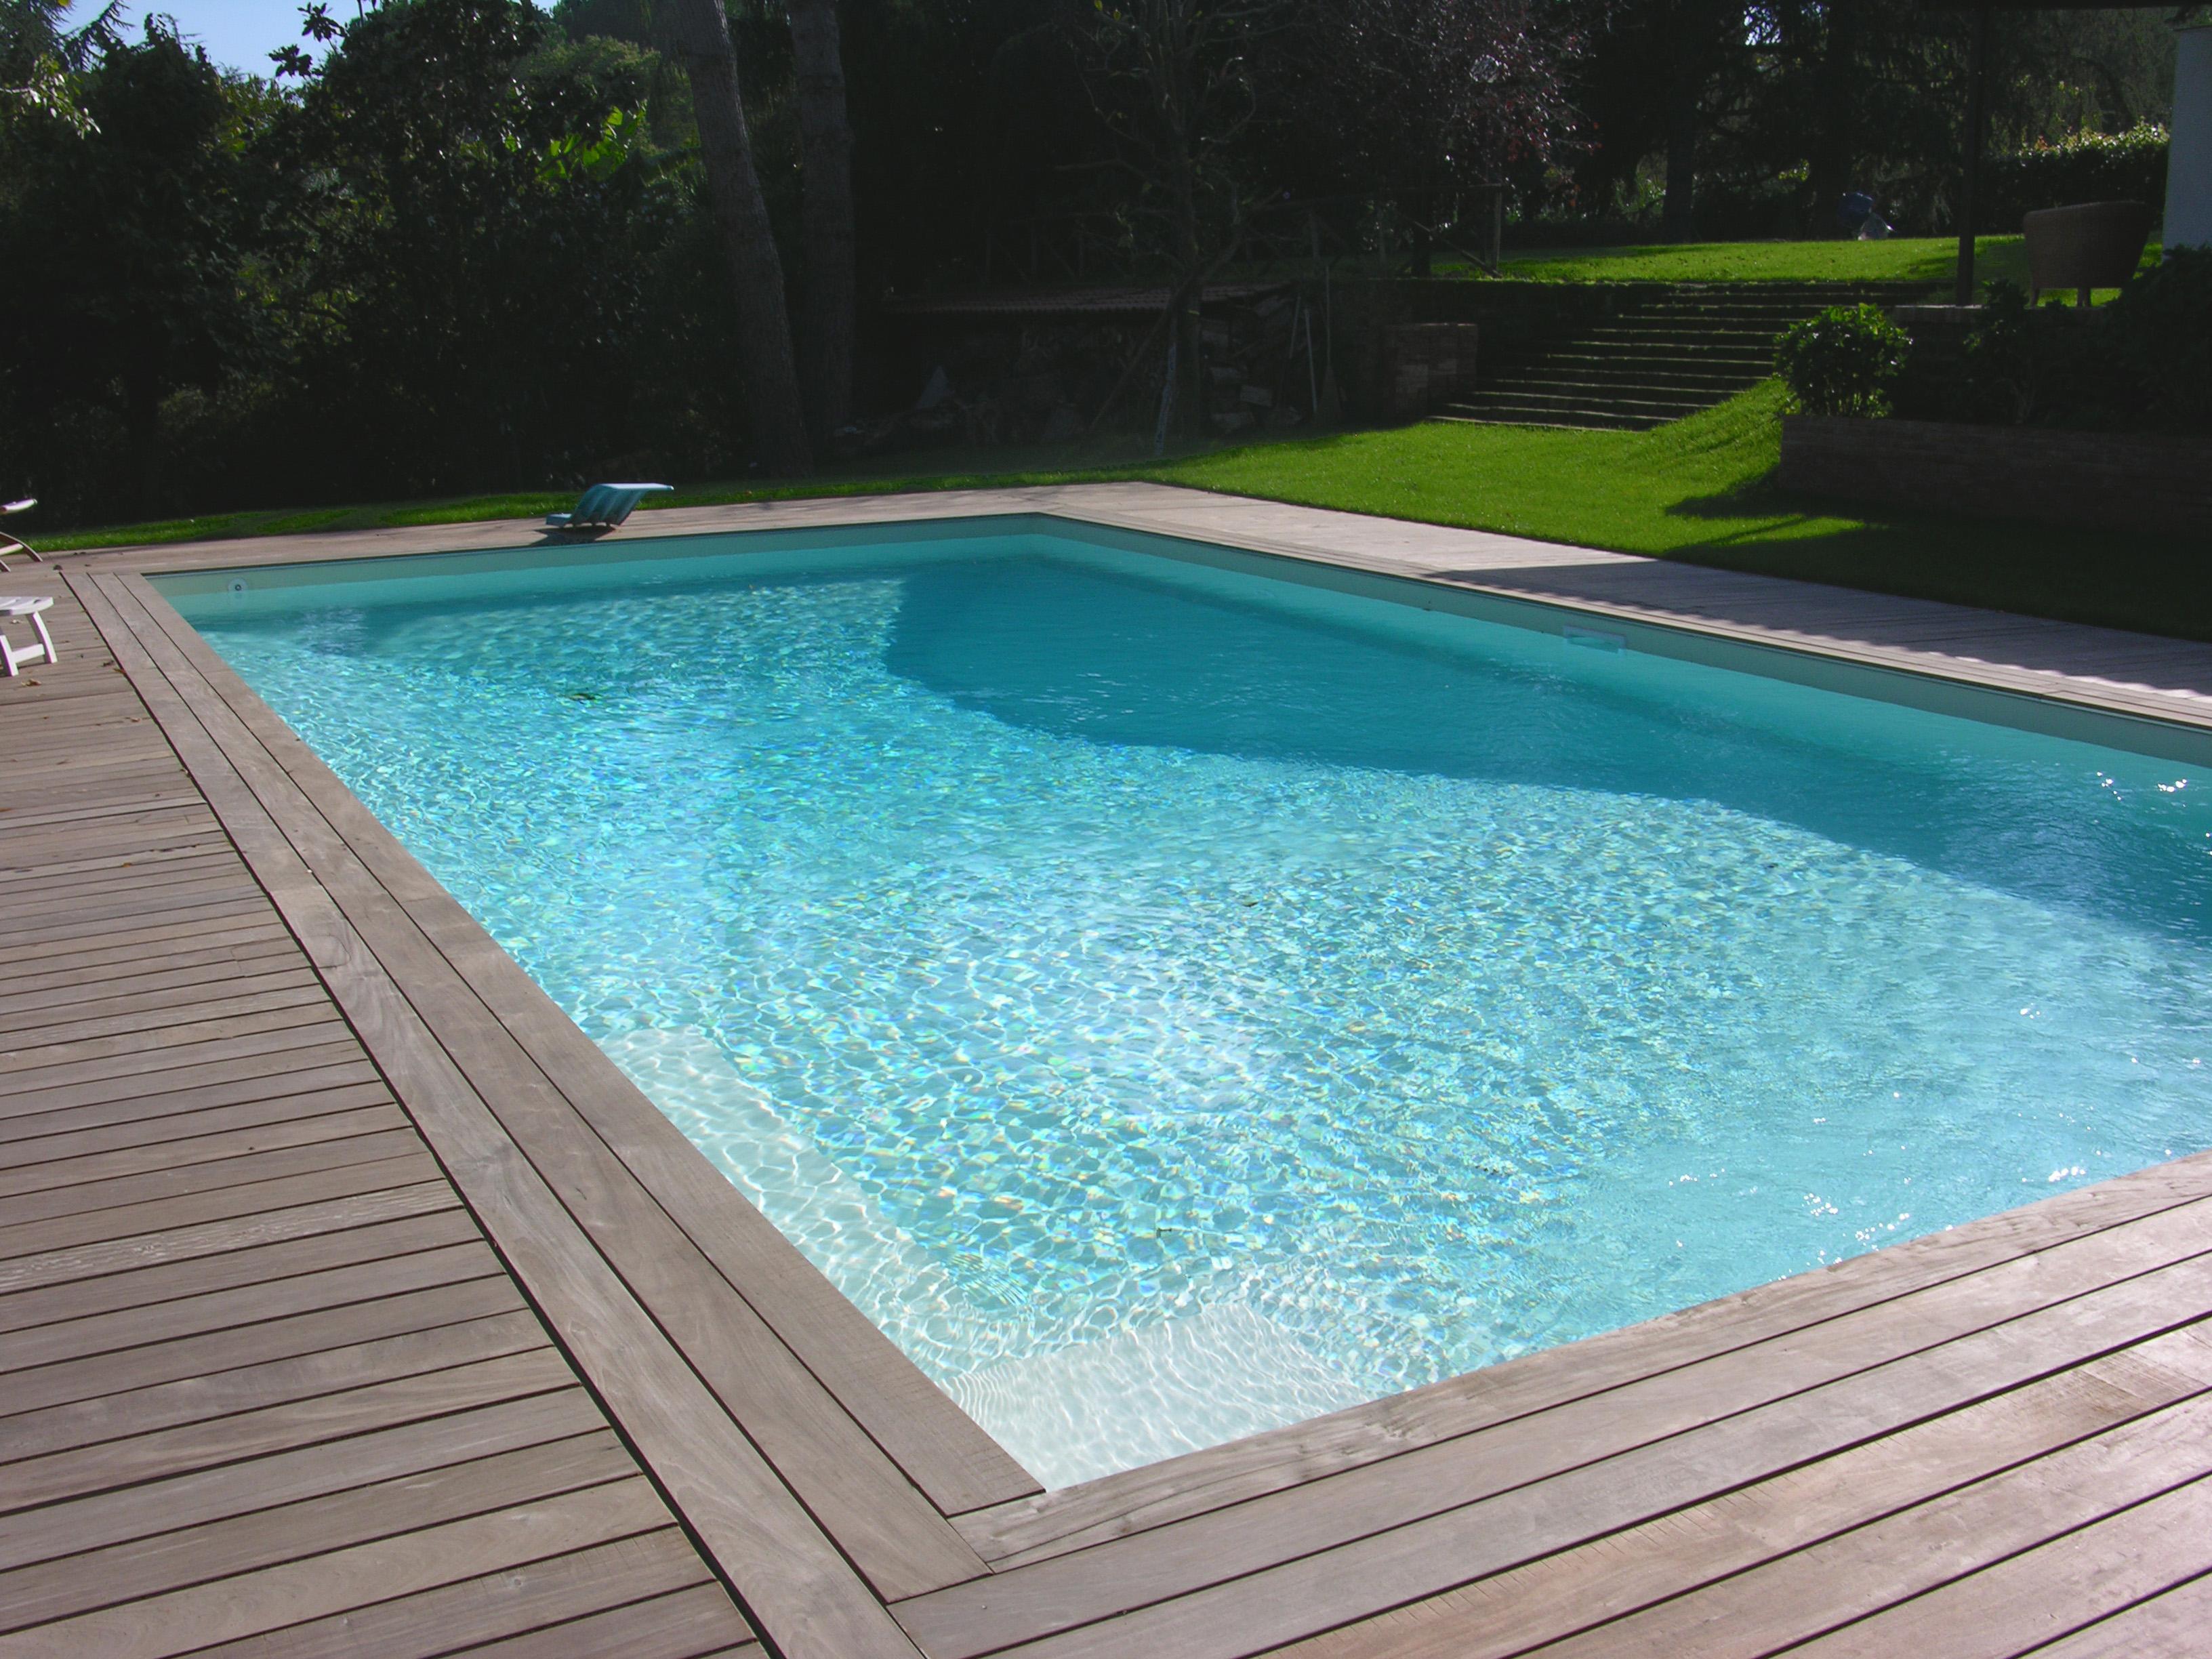 Quanto Costa Piscina Interrata come scegliere la piscina giusta per la vostra casa